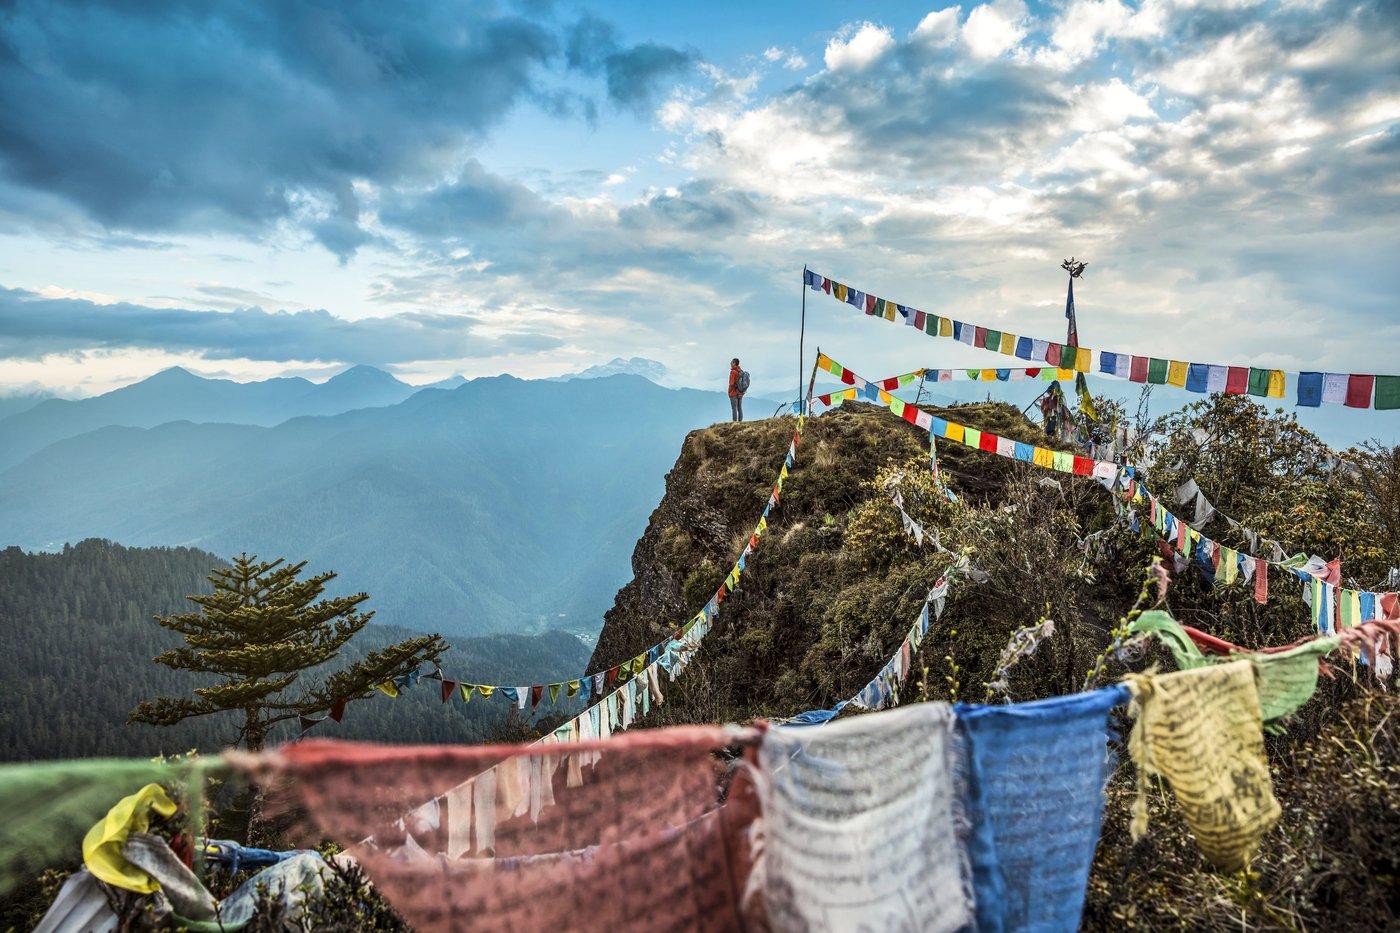 About us - Bhutan concierge